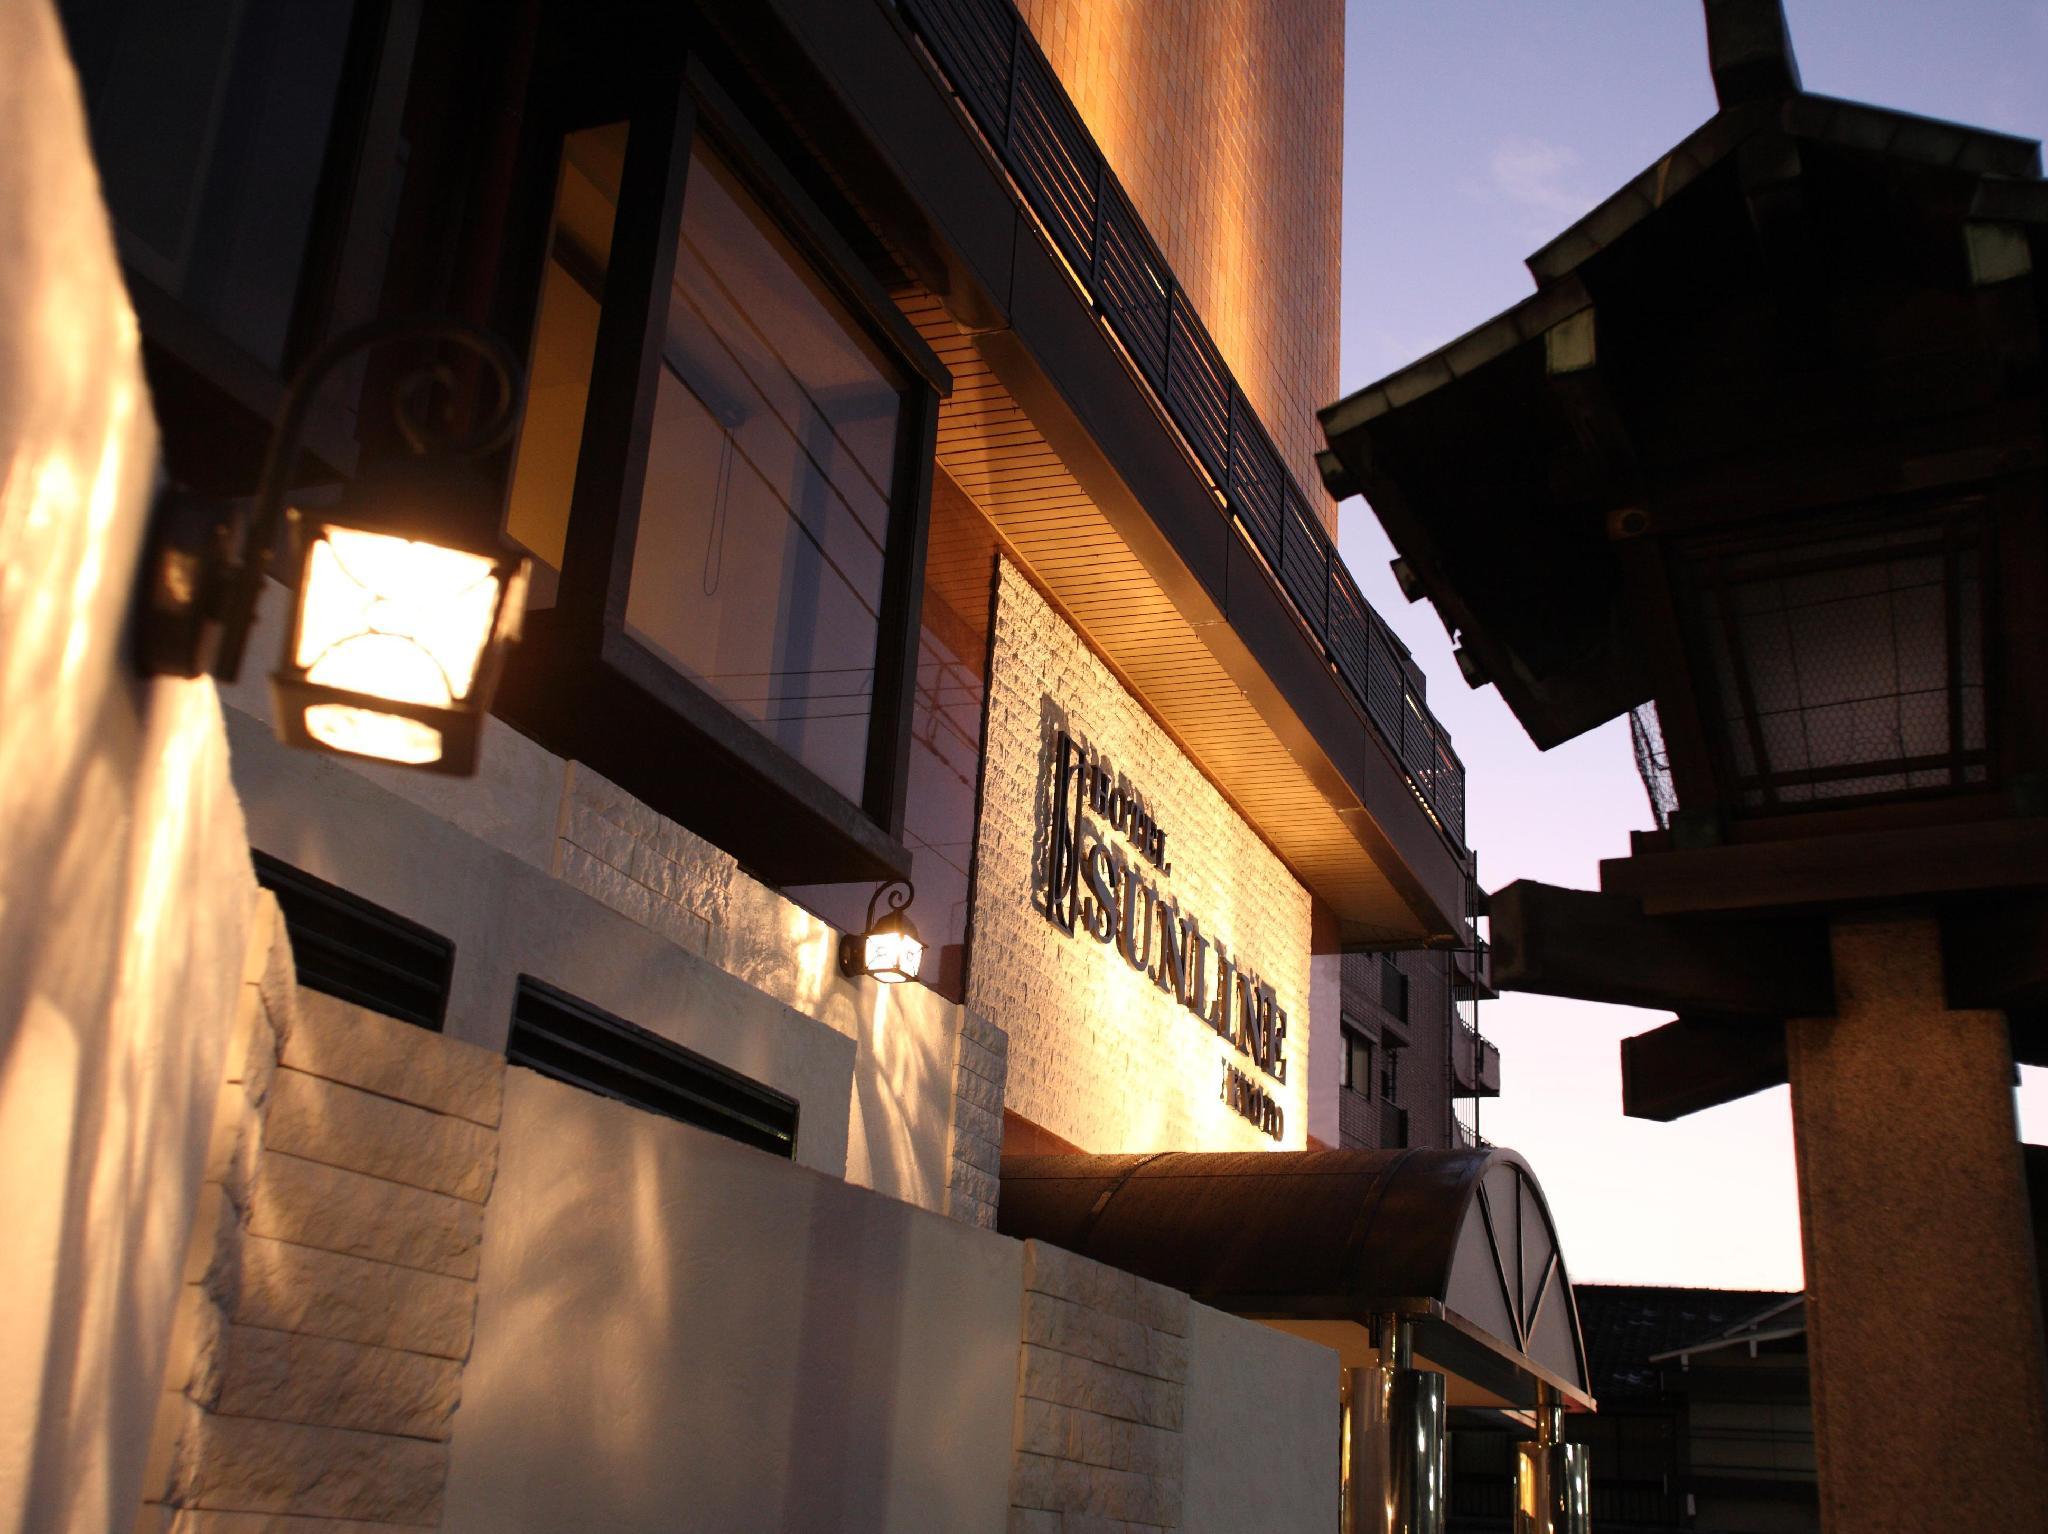 โรงแรม ซันไลน์ เกียวโต กีออง ชิโจ